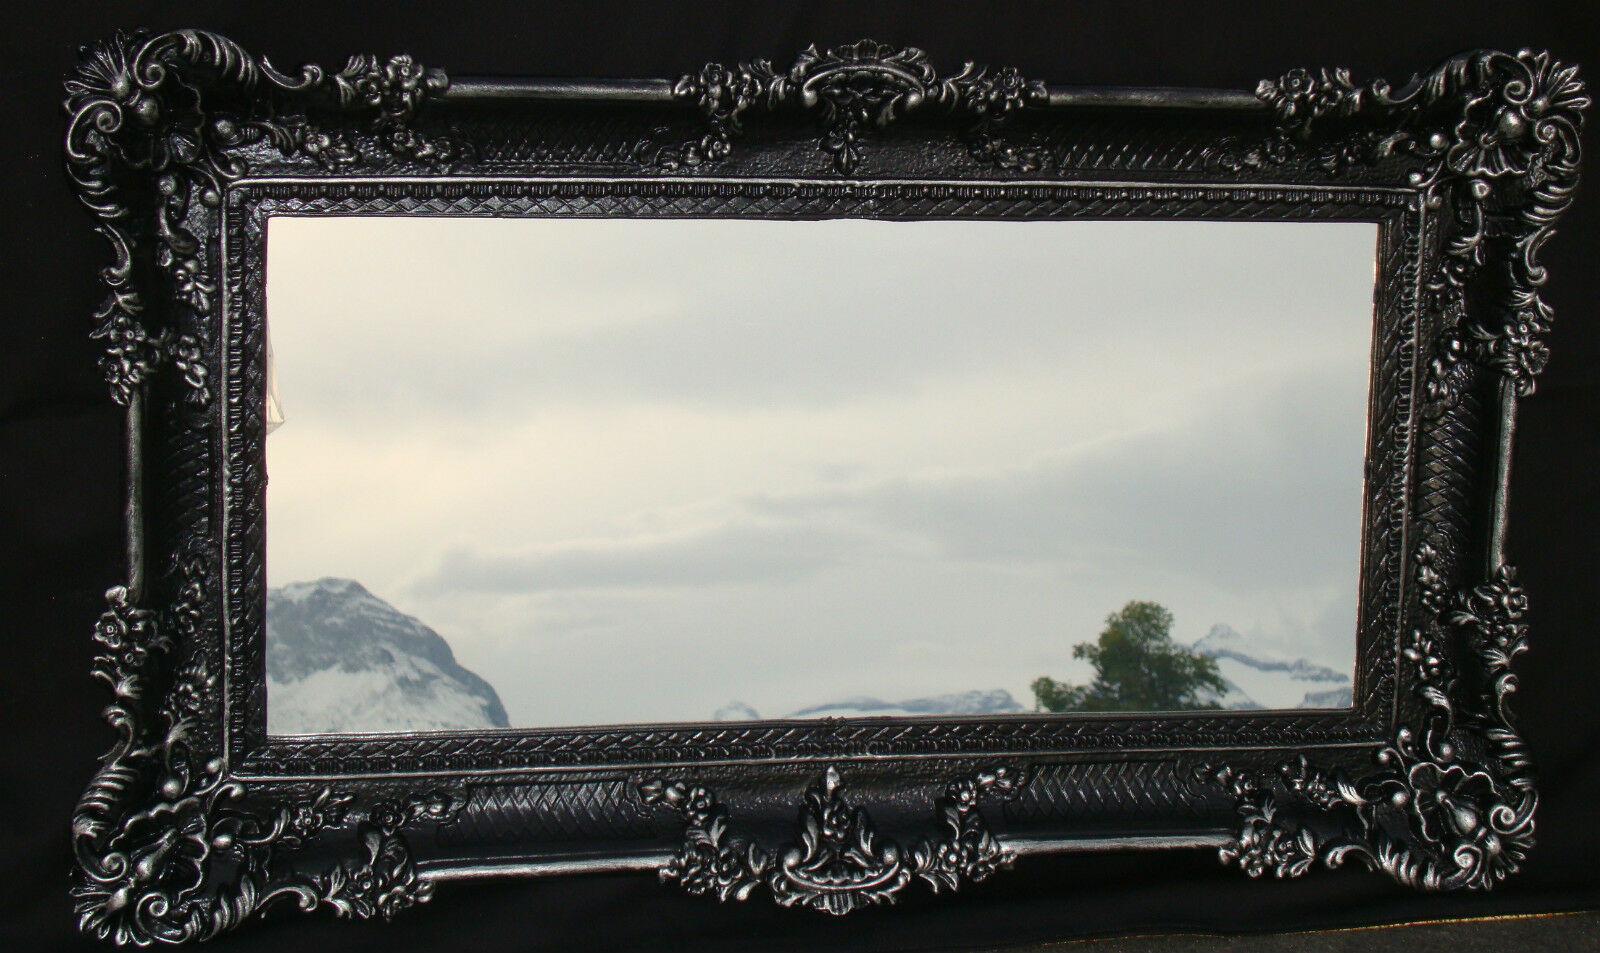 barock spiegel silber lnxp wandspiegel barockspiegel spiegel in silber antik grosser. Black Bedroom Furniture Sets. Home Design Ideas